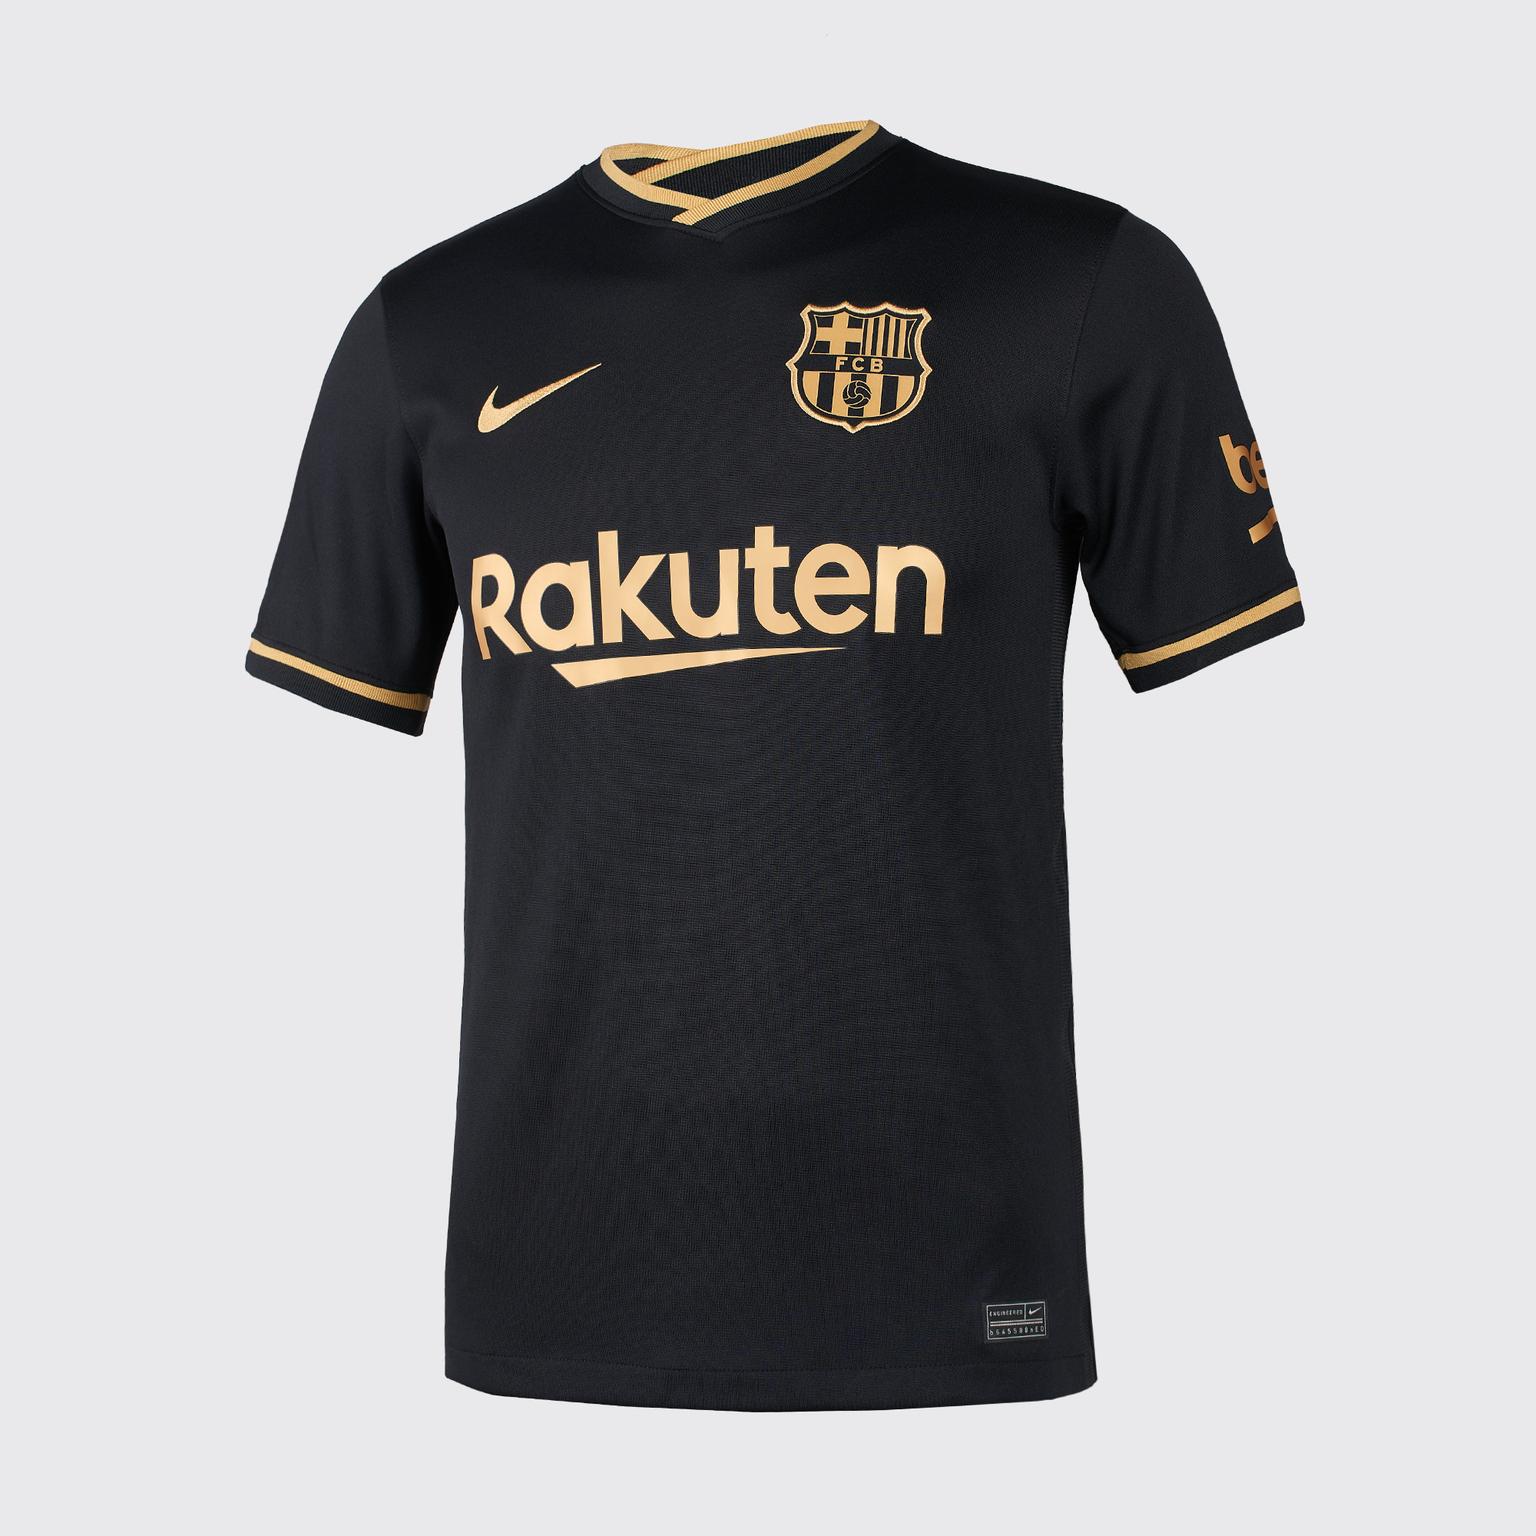 Фото - Футболка игровая выездная Nike Barcelona сезон 2020/21 выездная игровая футболка nike фк зенит 2019 20